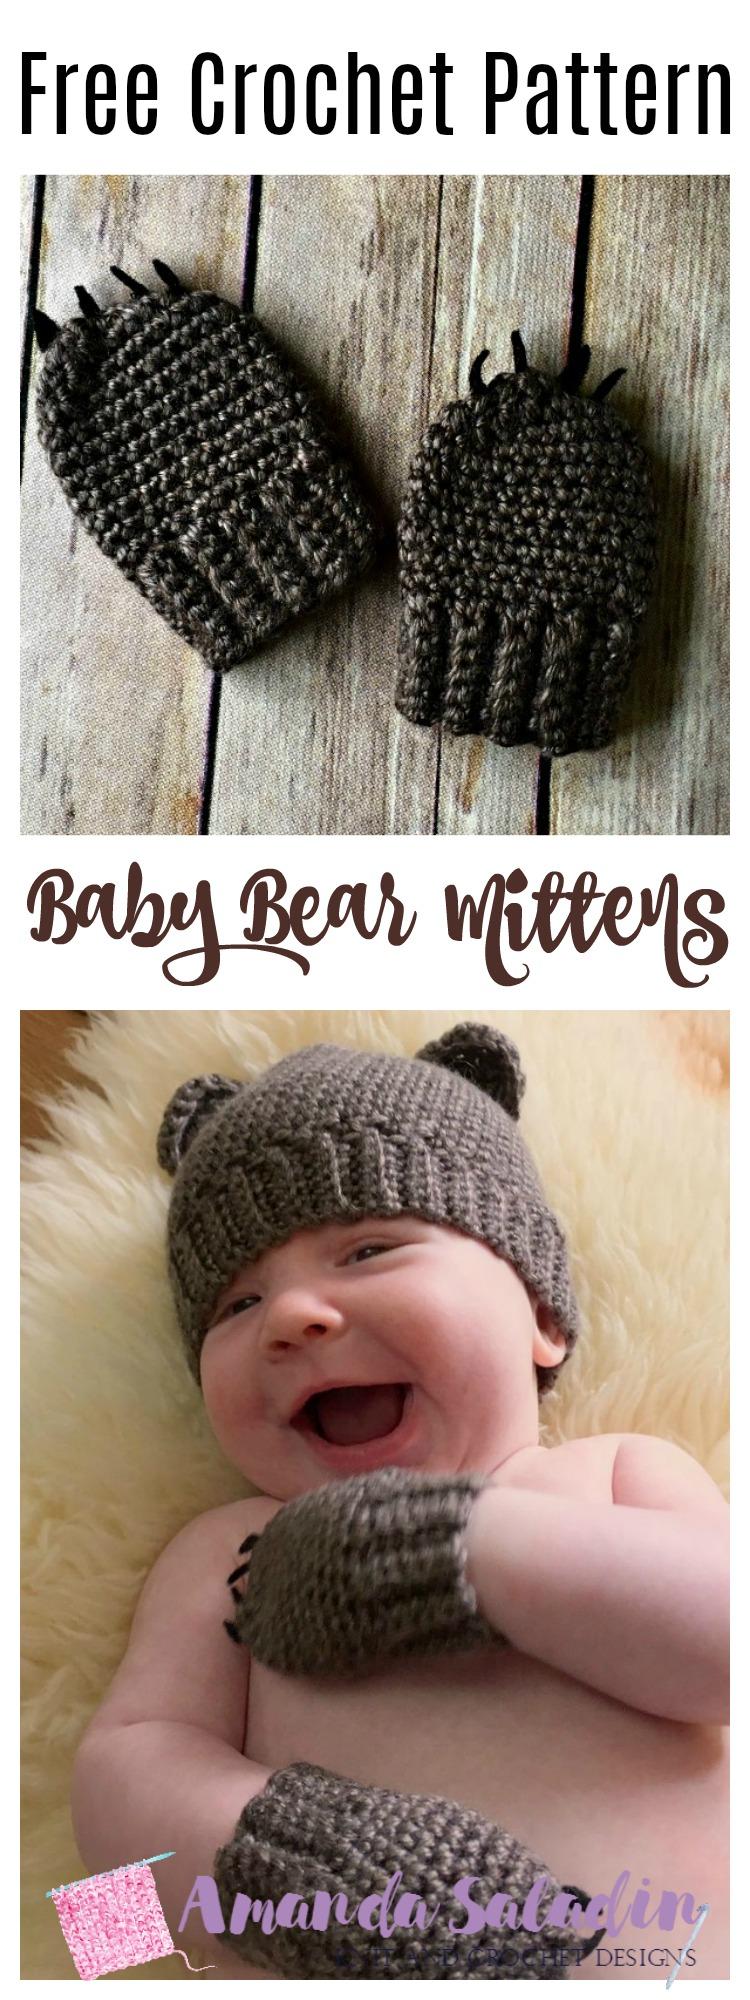 Free Crochet Pattern - Baby Bear Mittens